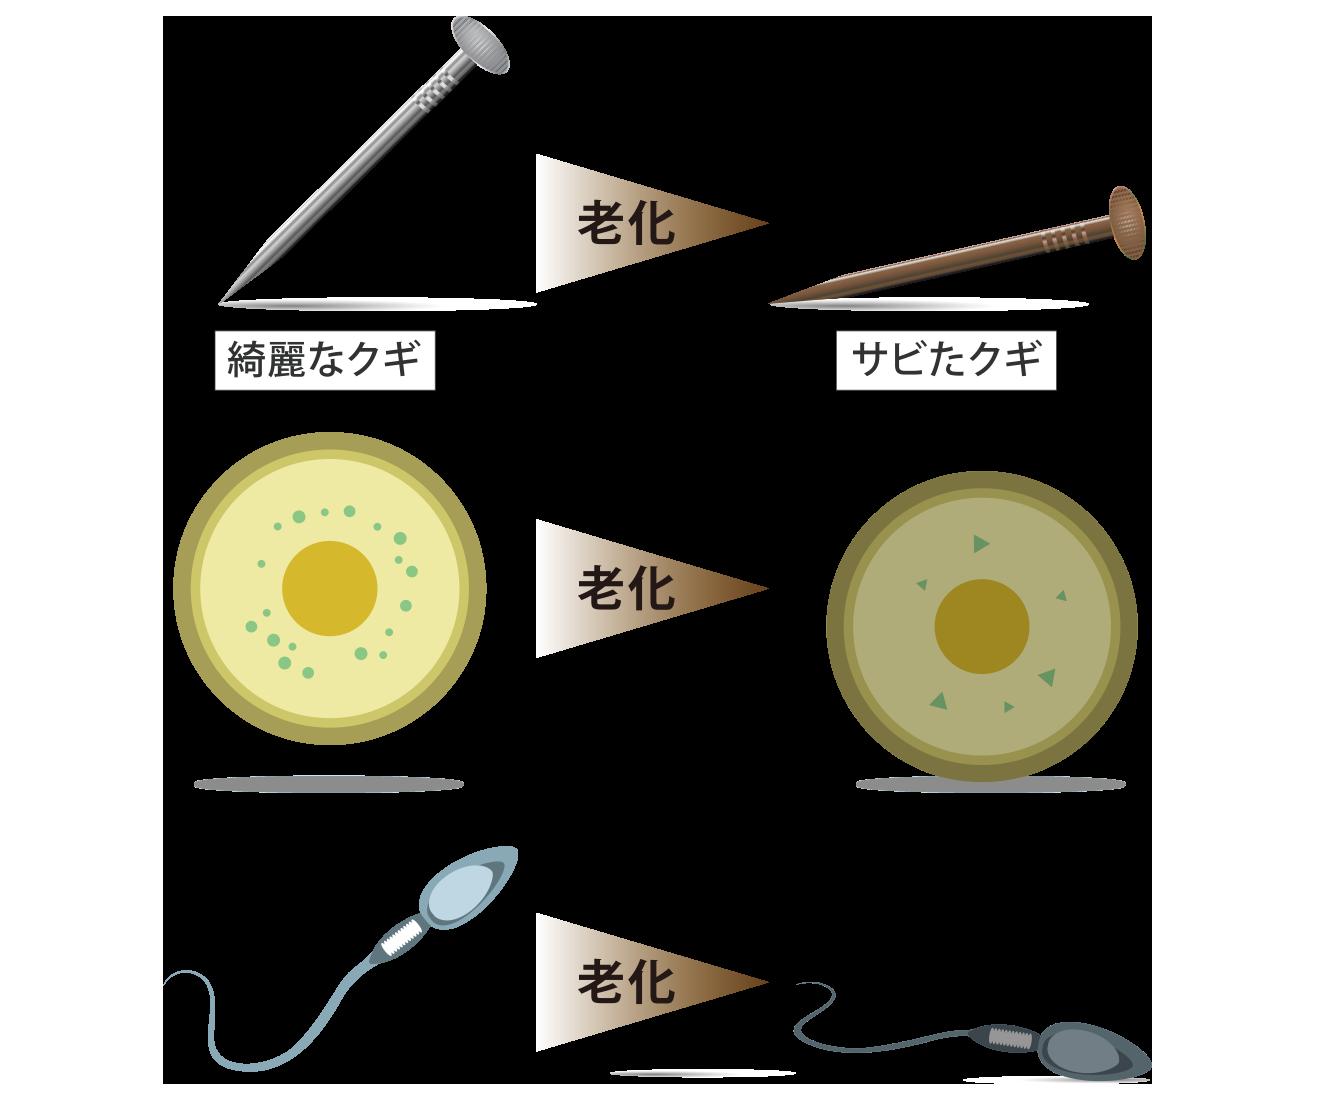 錆びた釘と錆びた卵子精子